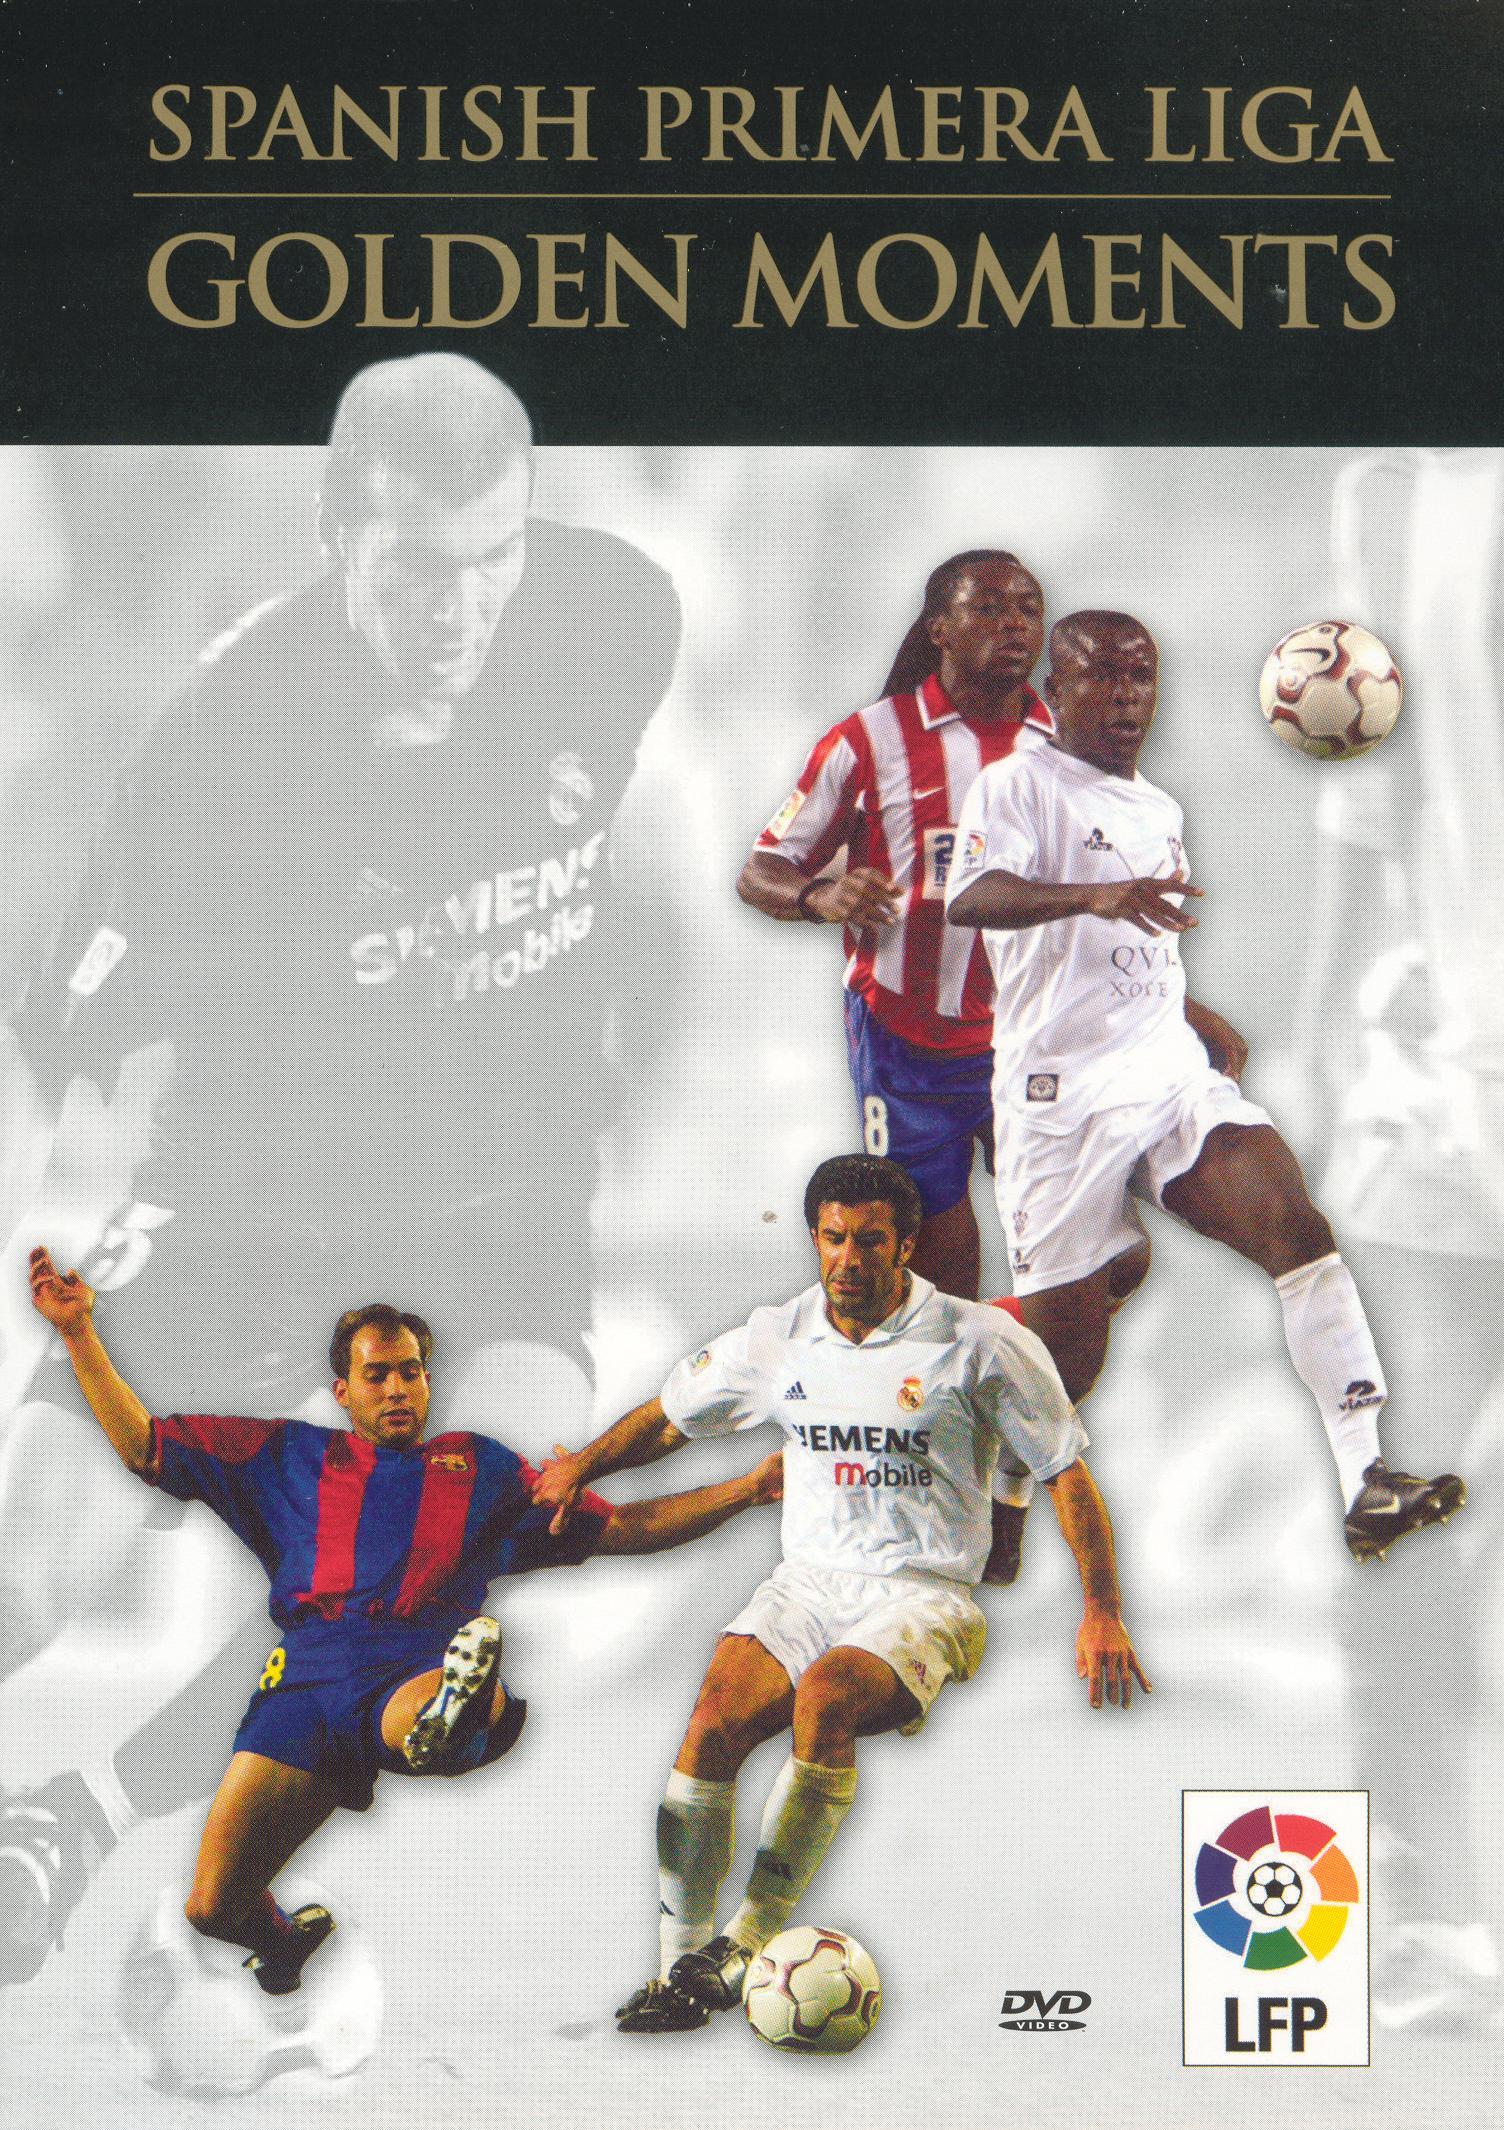 Spanish Primera Liga: Golden Moments